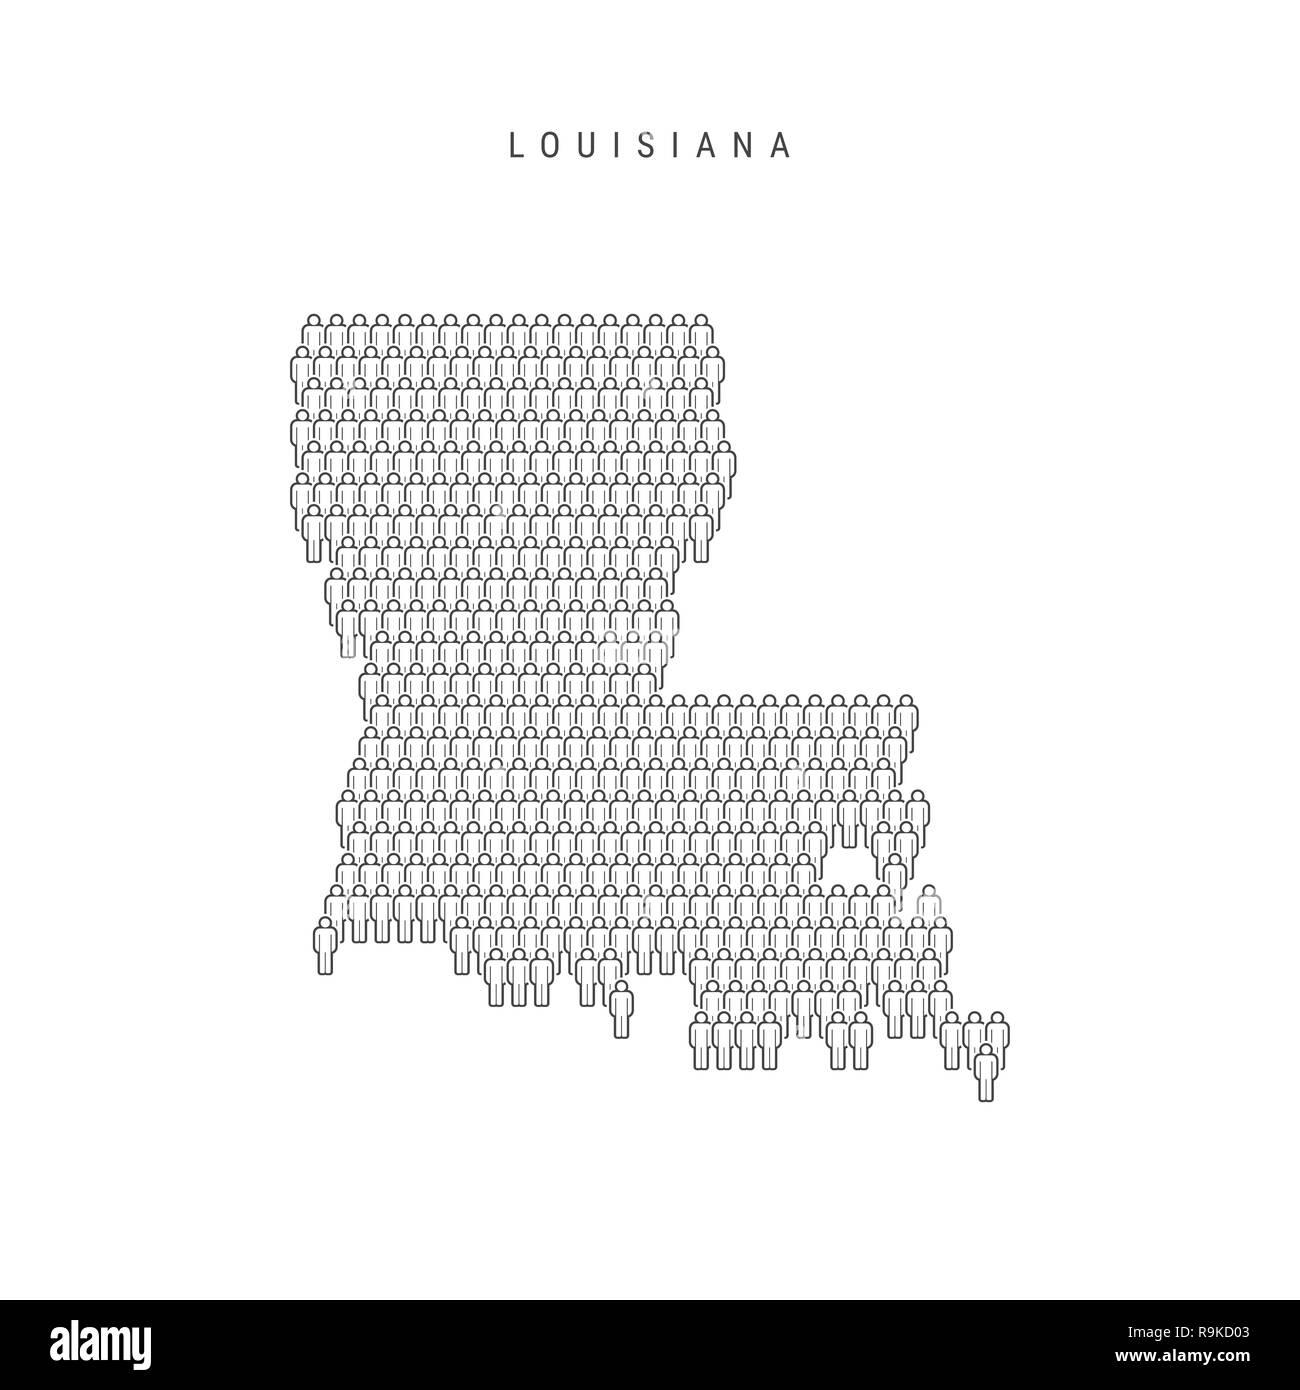 Dating-Seiten in Louisiana